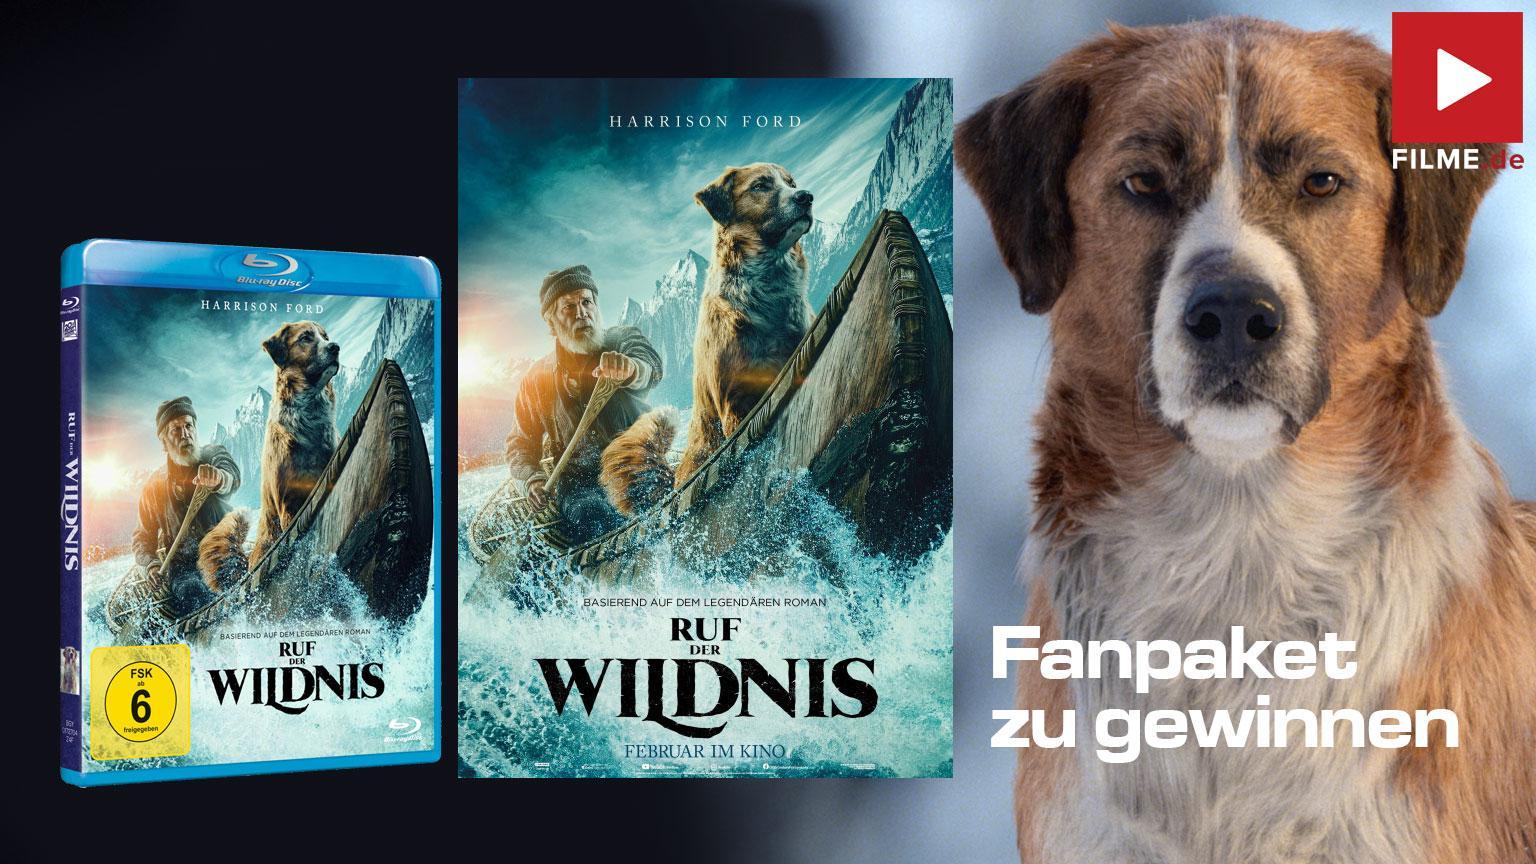 Ruf der Wildnis Film 2020 Gewinnspiel gewinnen Artikelbild shop kaufen